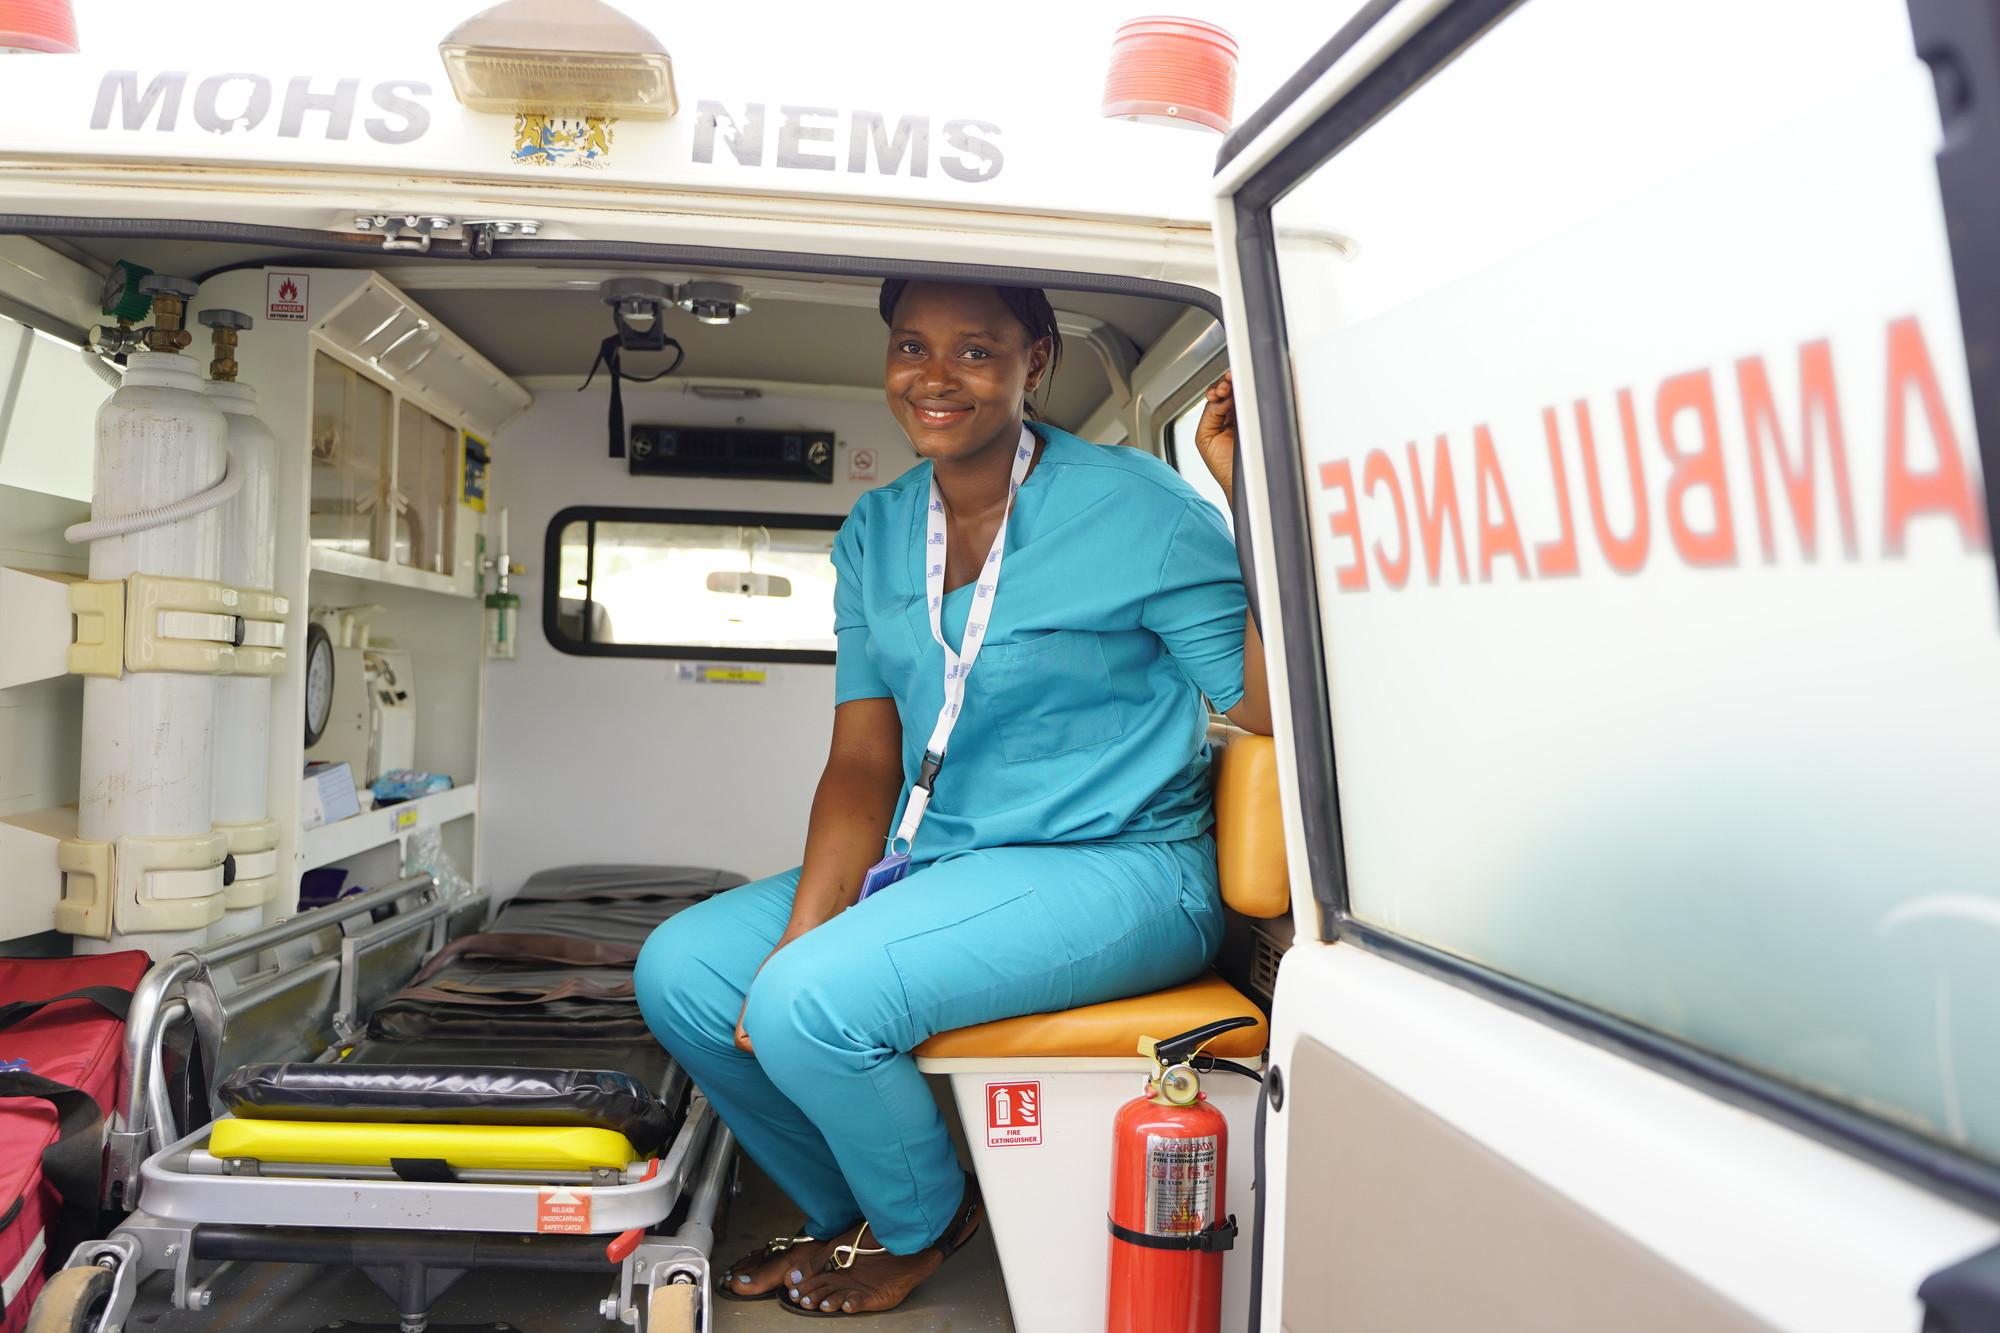 Une travailleuse de la santé est assise à l'arrière d'une ambulance.